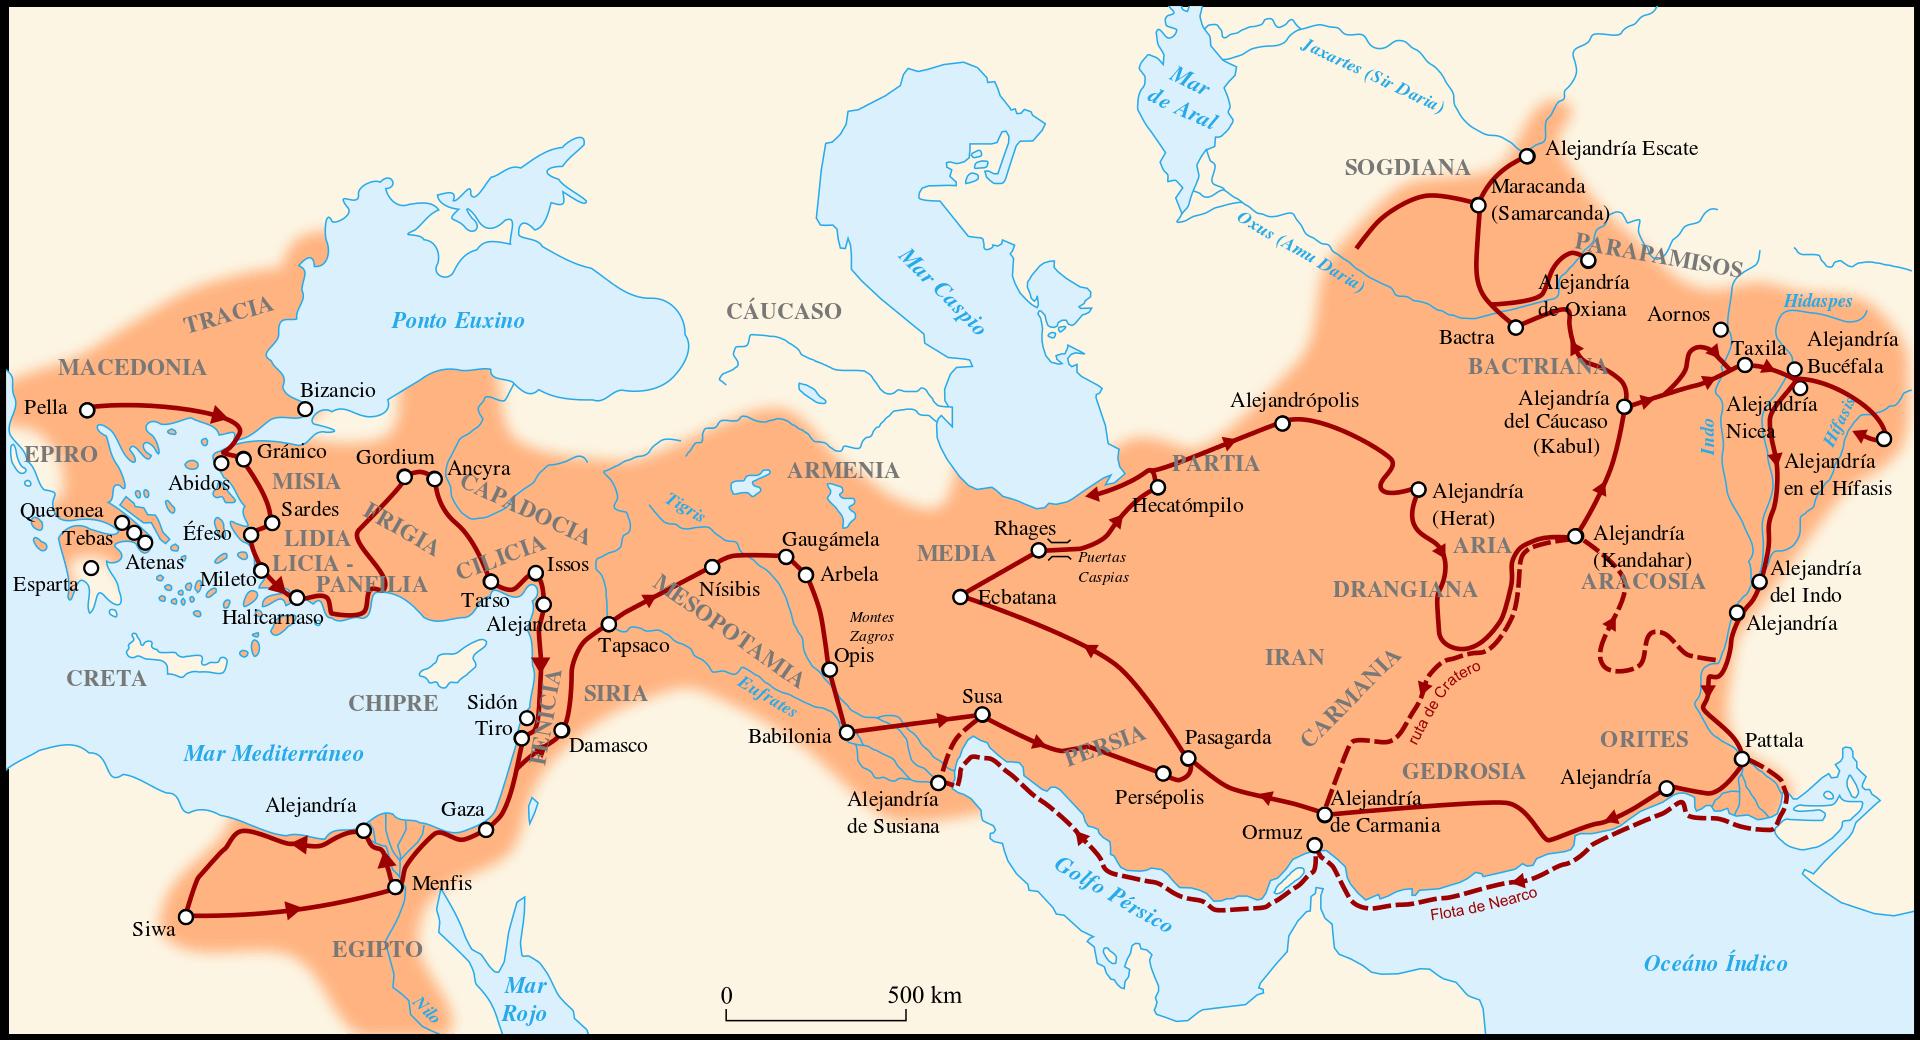 Mapa de la máxima extensión del imperio de Alejandro.